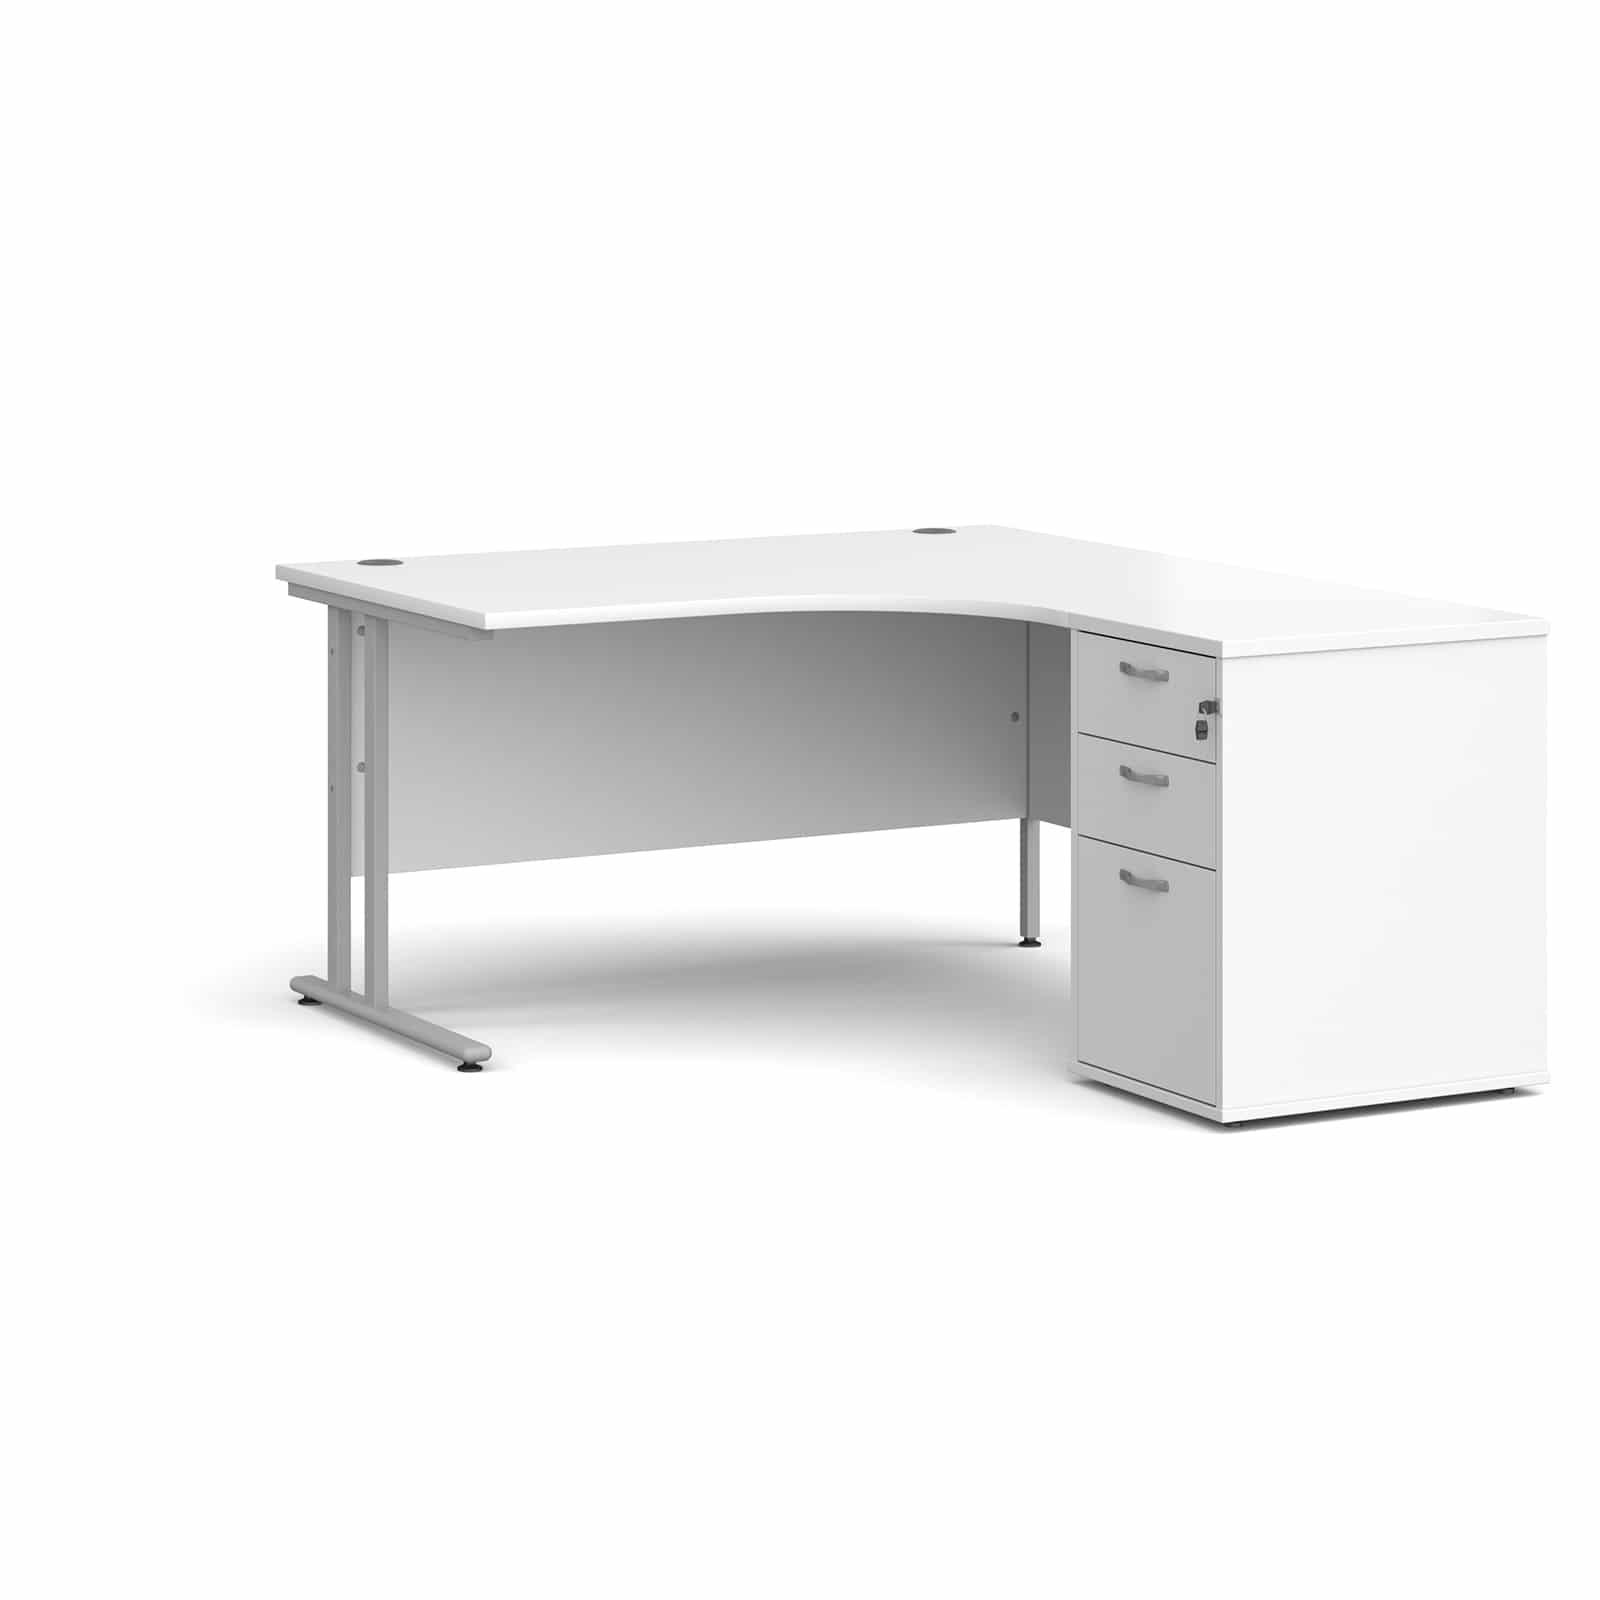 Image of: White Corner Desk With 3 Draw Pedestal 1400mm Workstation Bundle